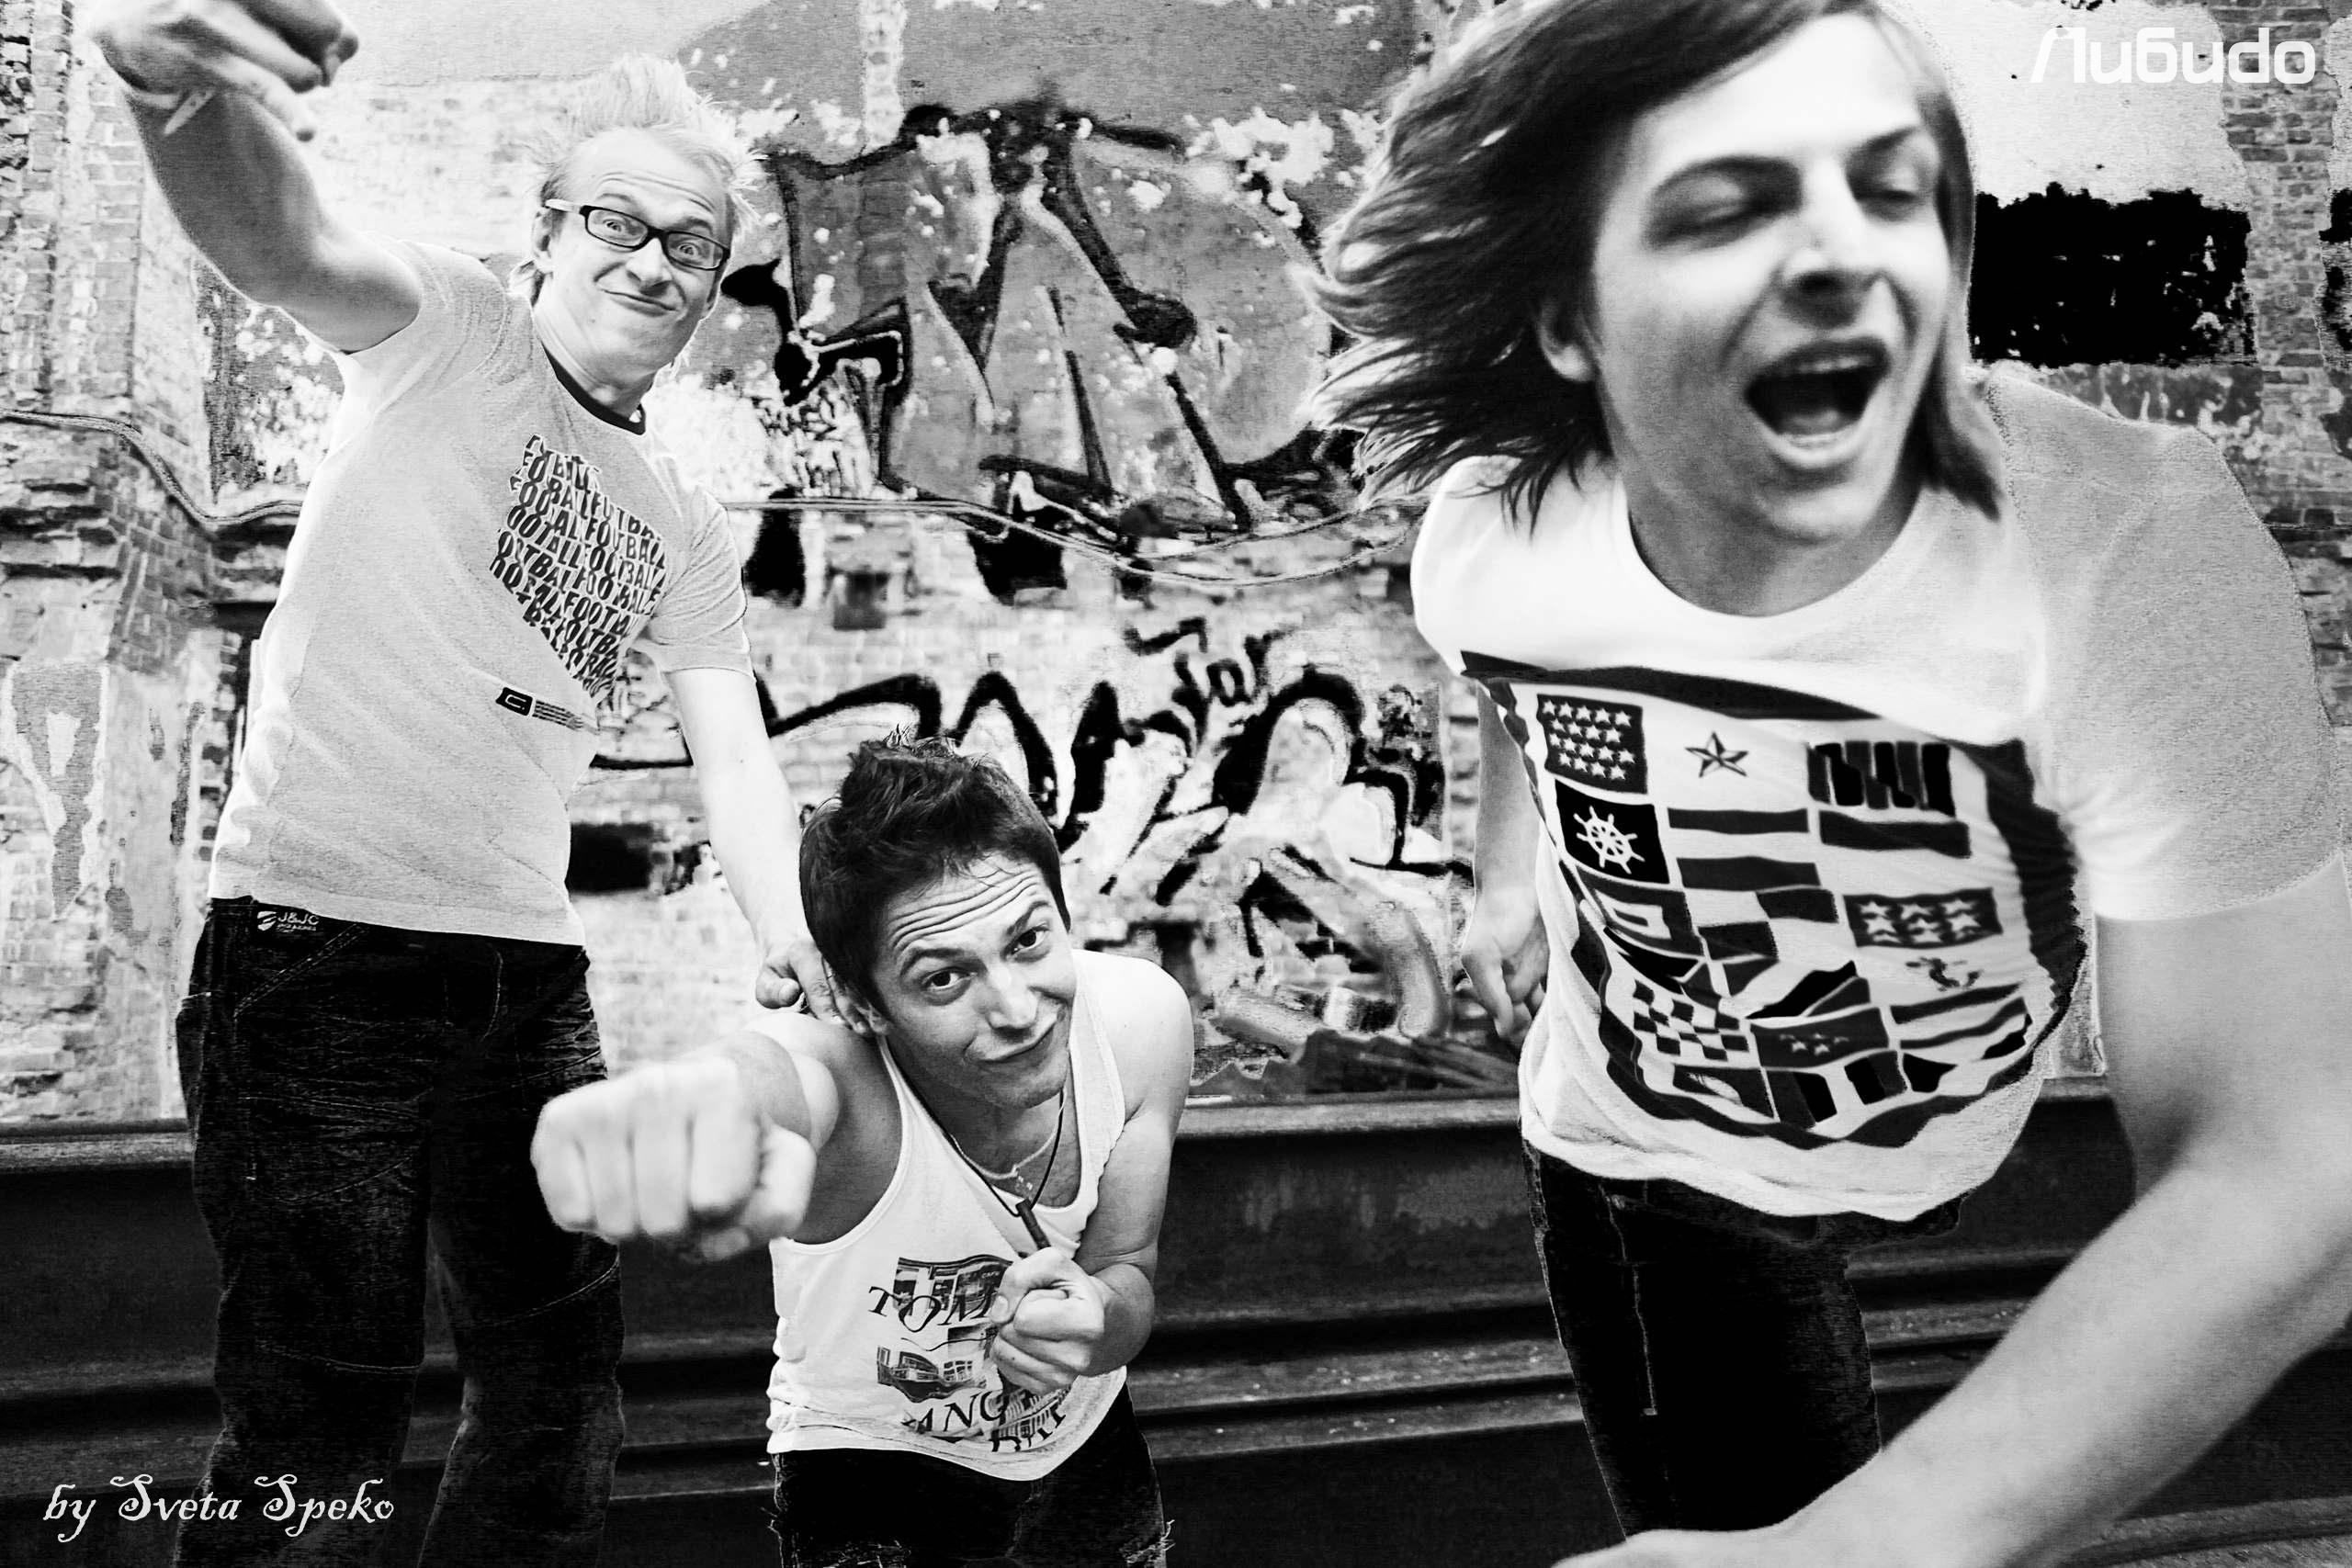 Группа Либиdо 27.06.12 Фотограф:Света Спеко http://vk.com/speko_photo